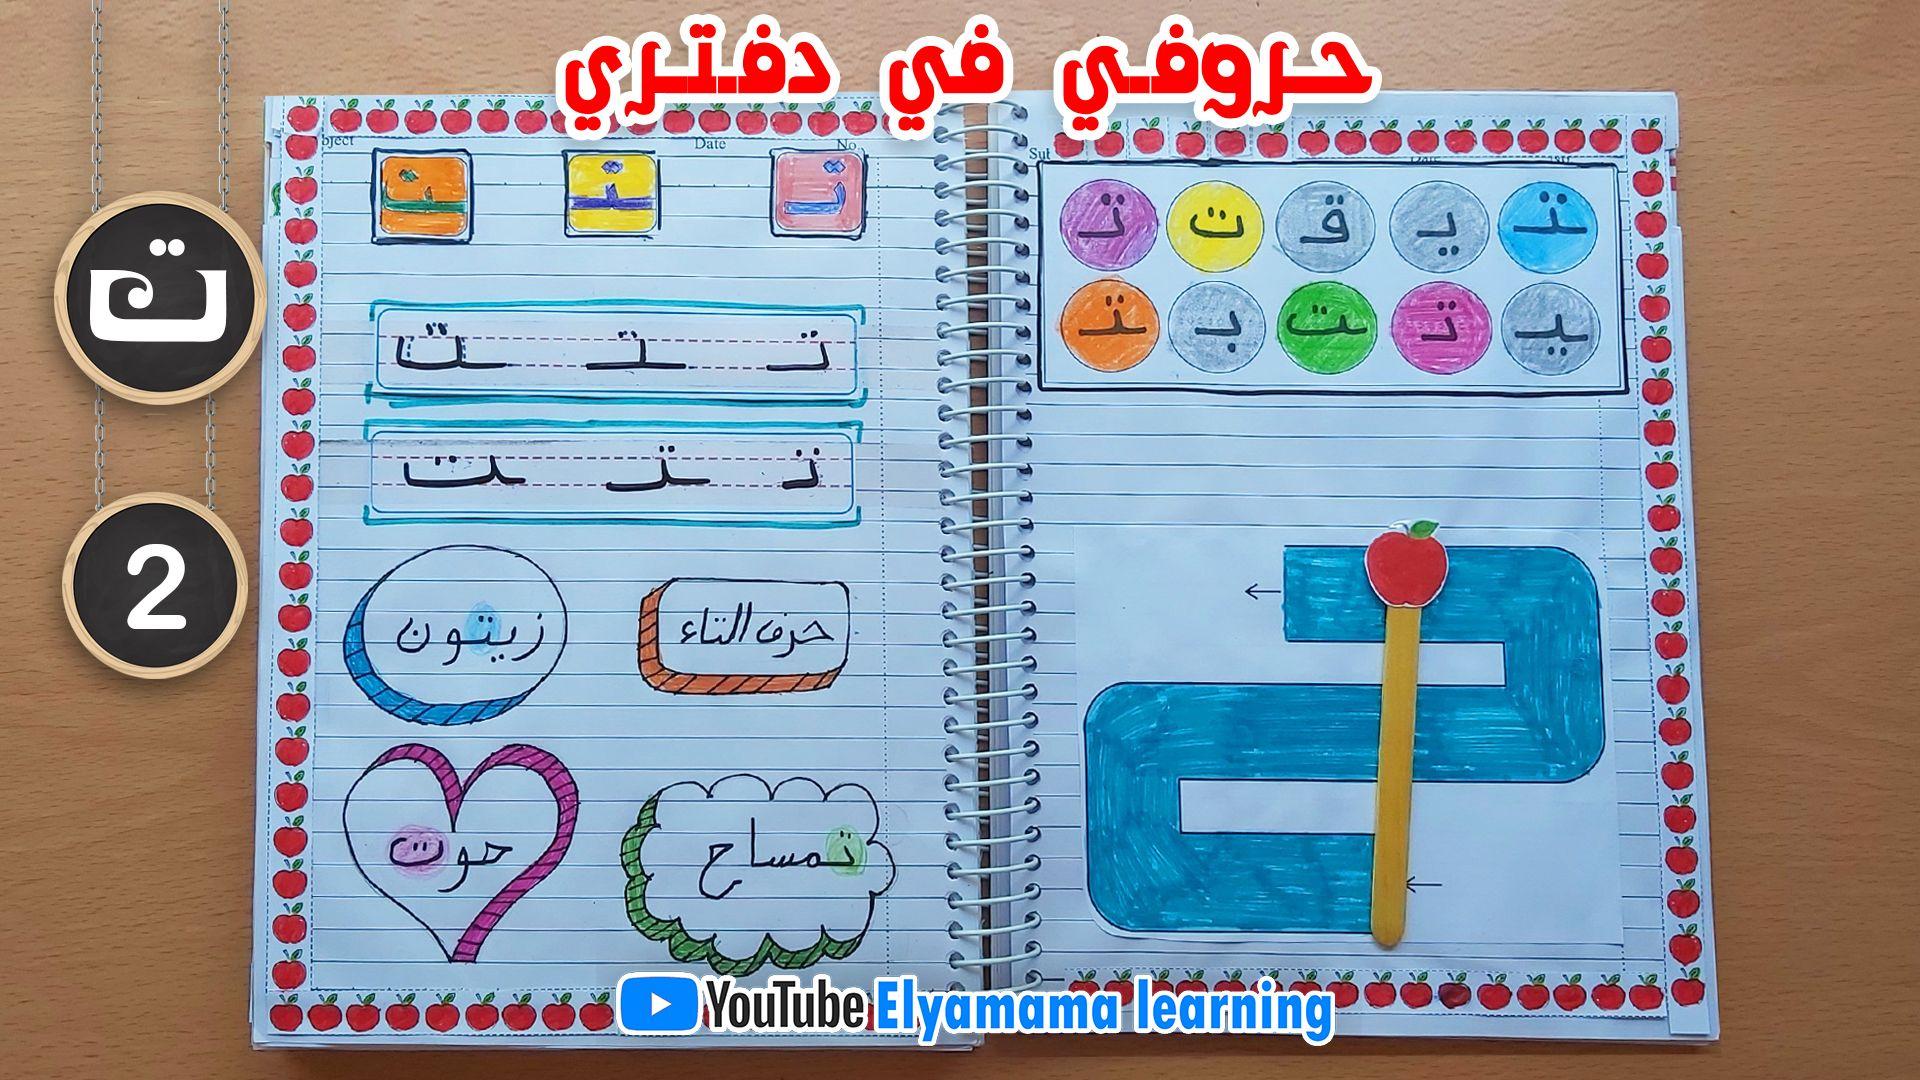 ألعاب منتسوري ألعاب منتسوري التعليمية أنشطة منتسوري أدوات منتسوري لتعليم الأطفال الحروف العربية اغنية أصوات الحروف العربية القصيرة والطويل Lesson Kids Notebook